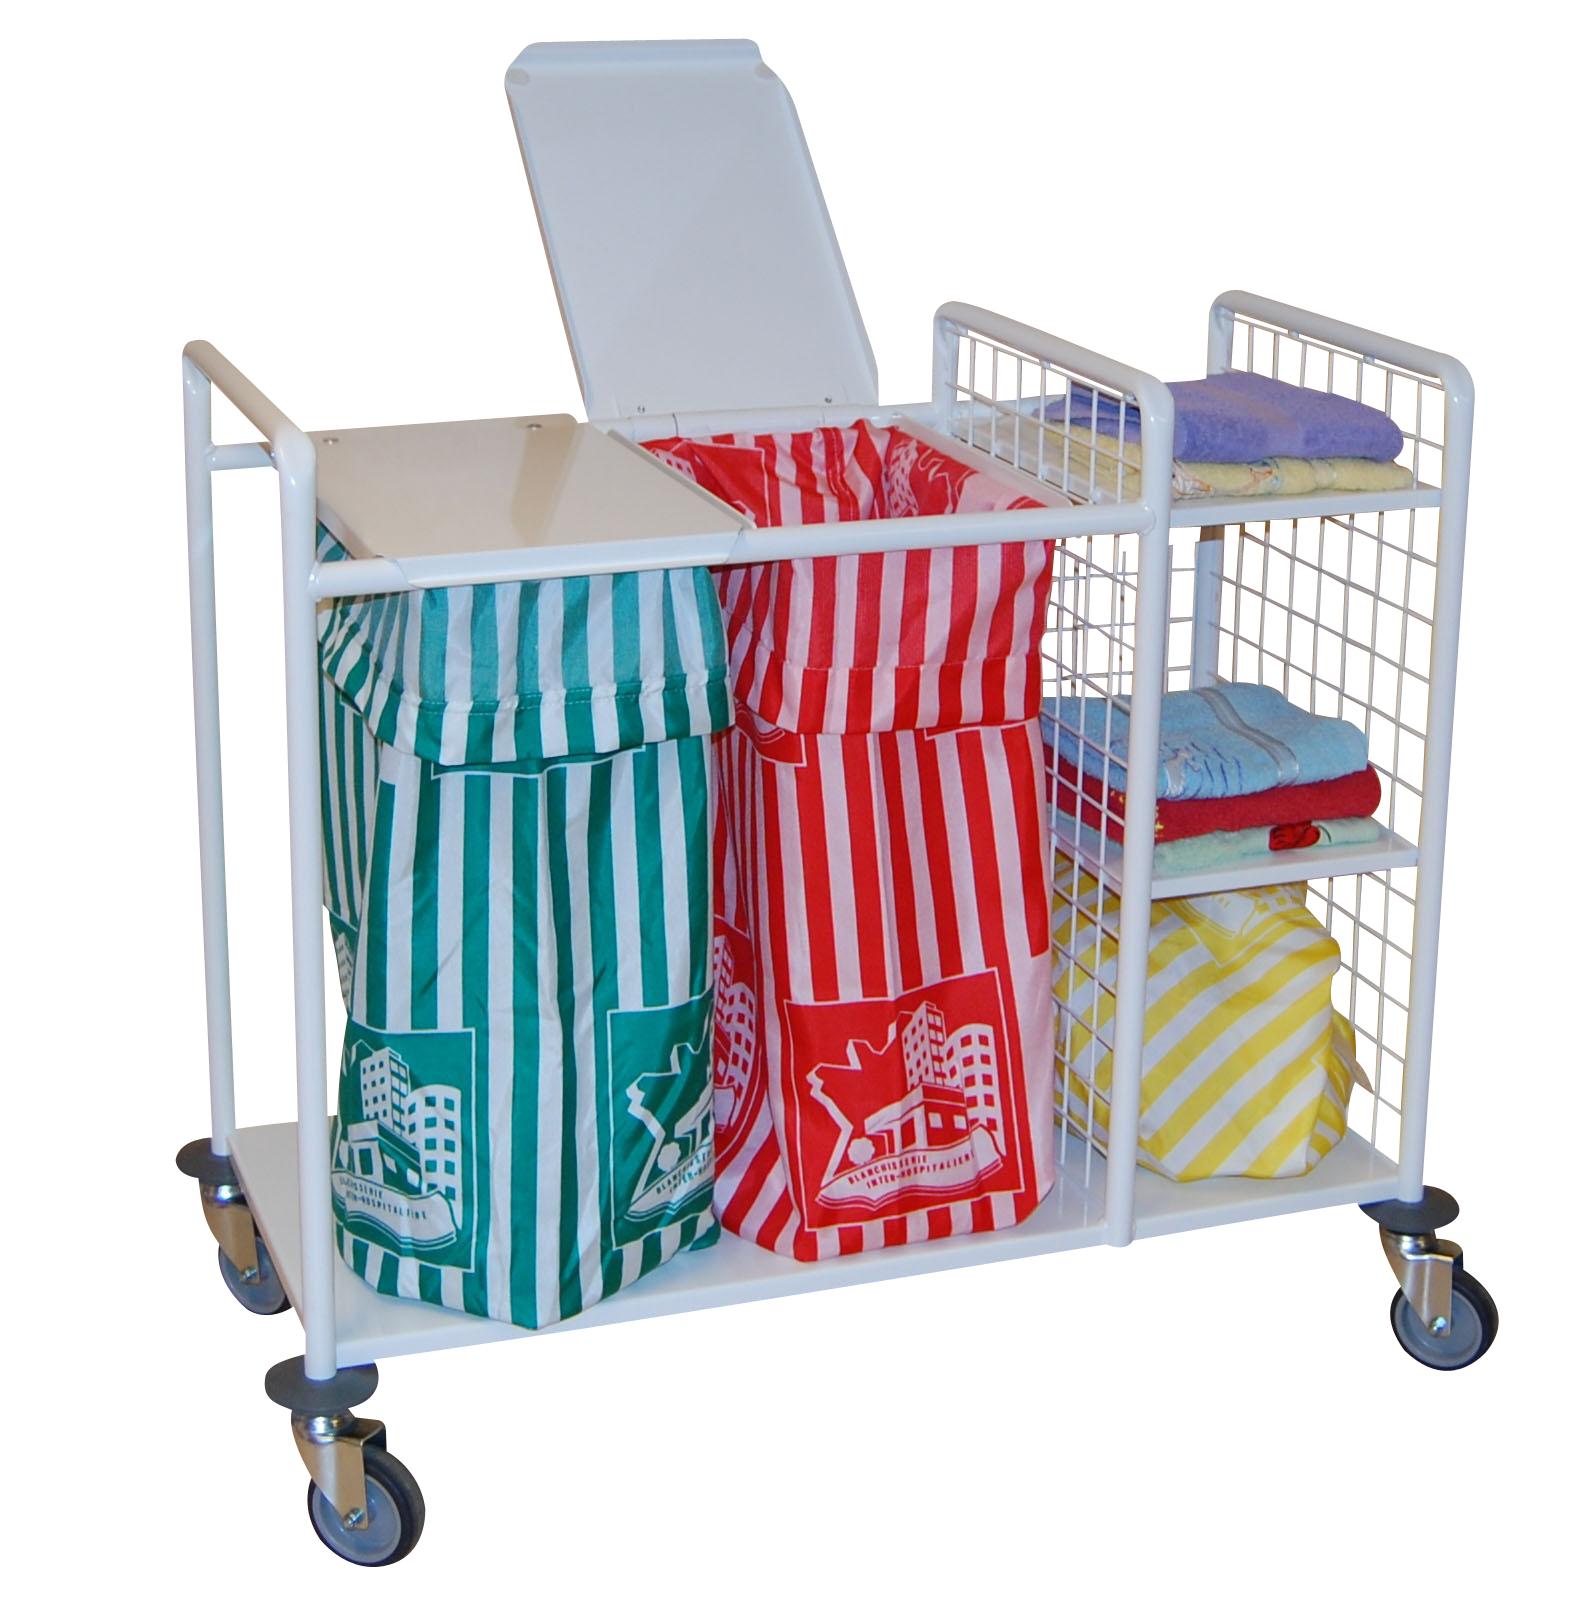 Version Aluminium1 ou 2 support sac avec couvercl1 compartiment stockage linge propre avec 2 etagère...